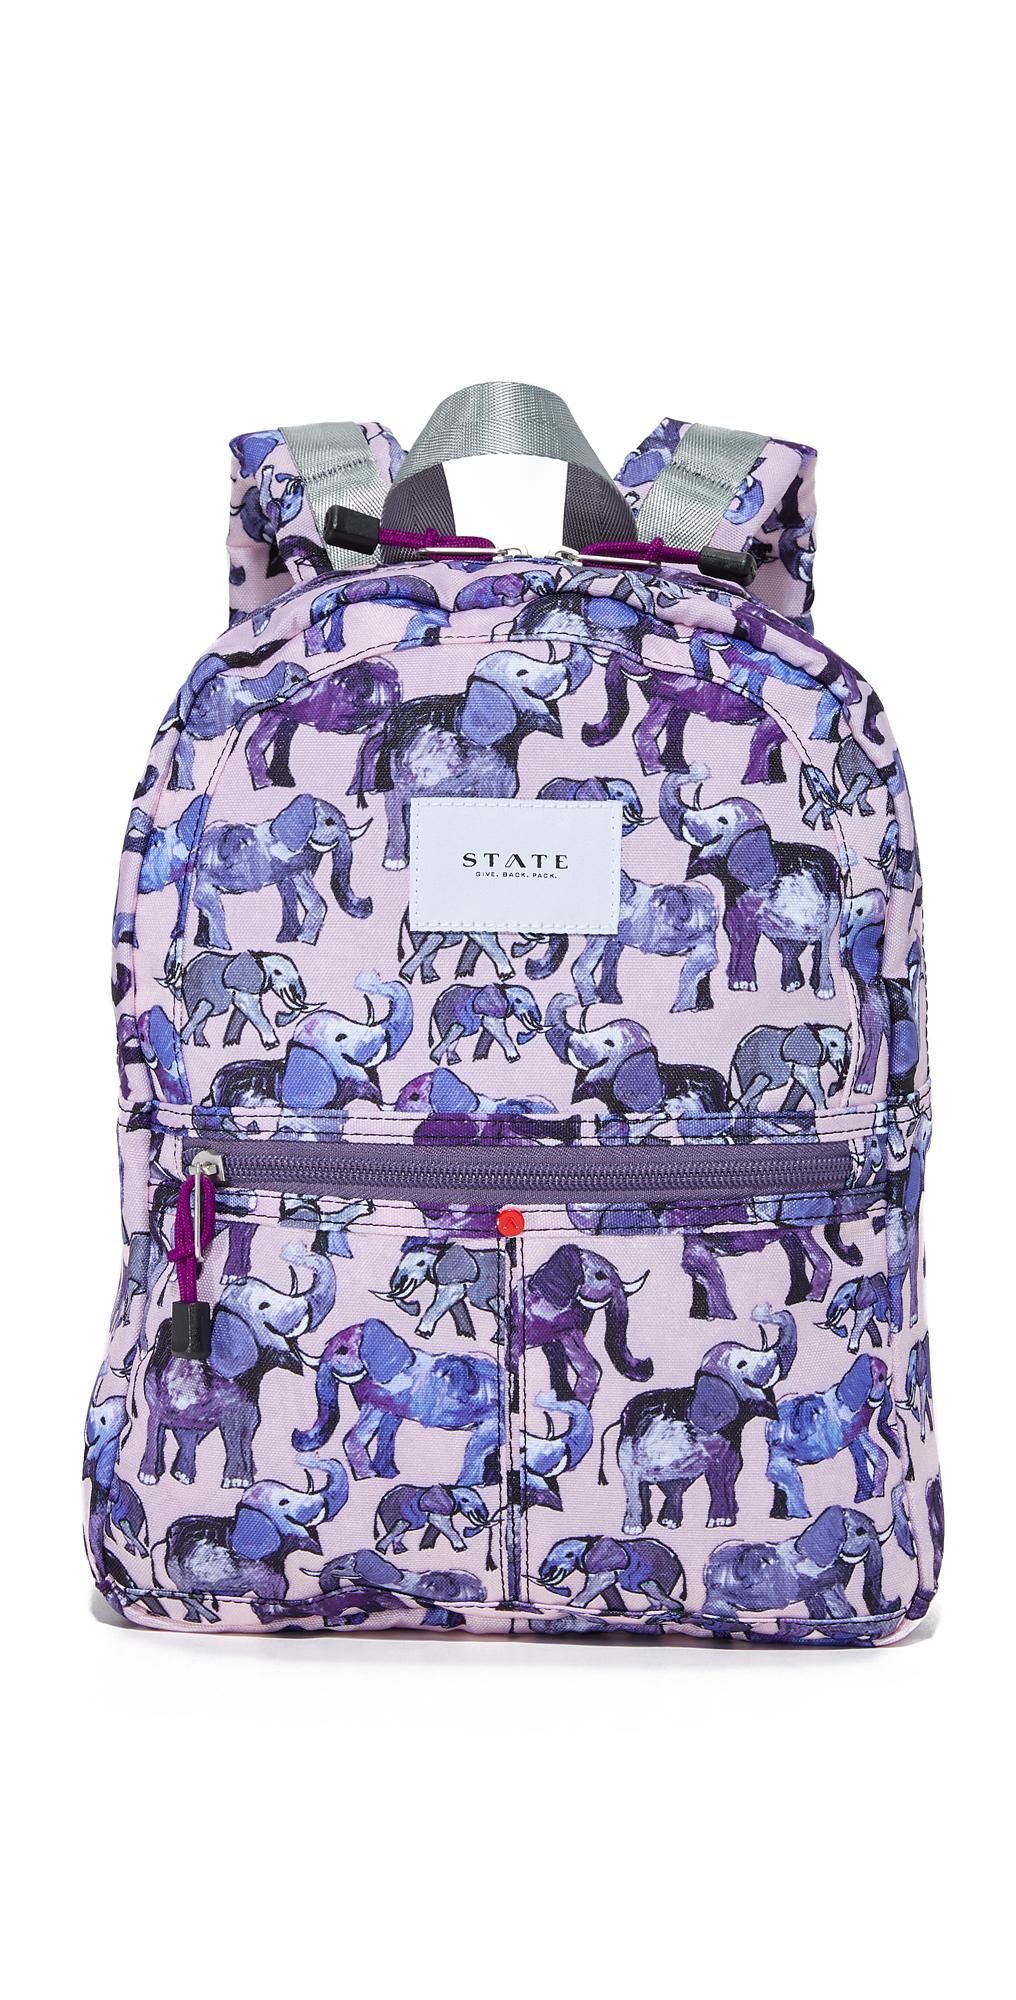 Mini Kane Coney Island Backpack STATE